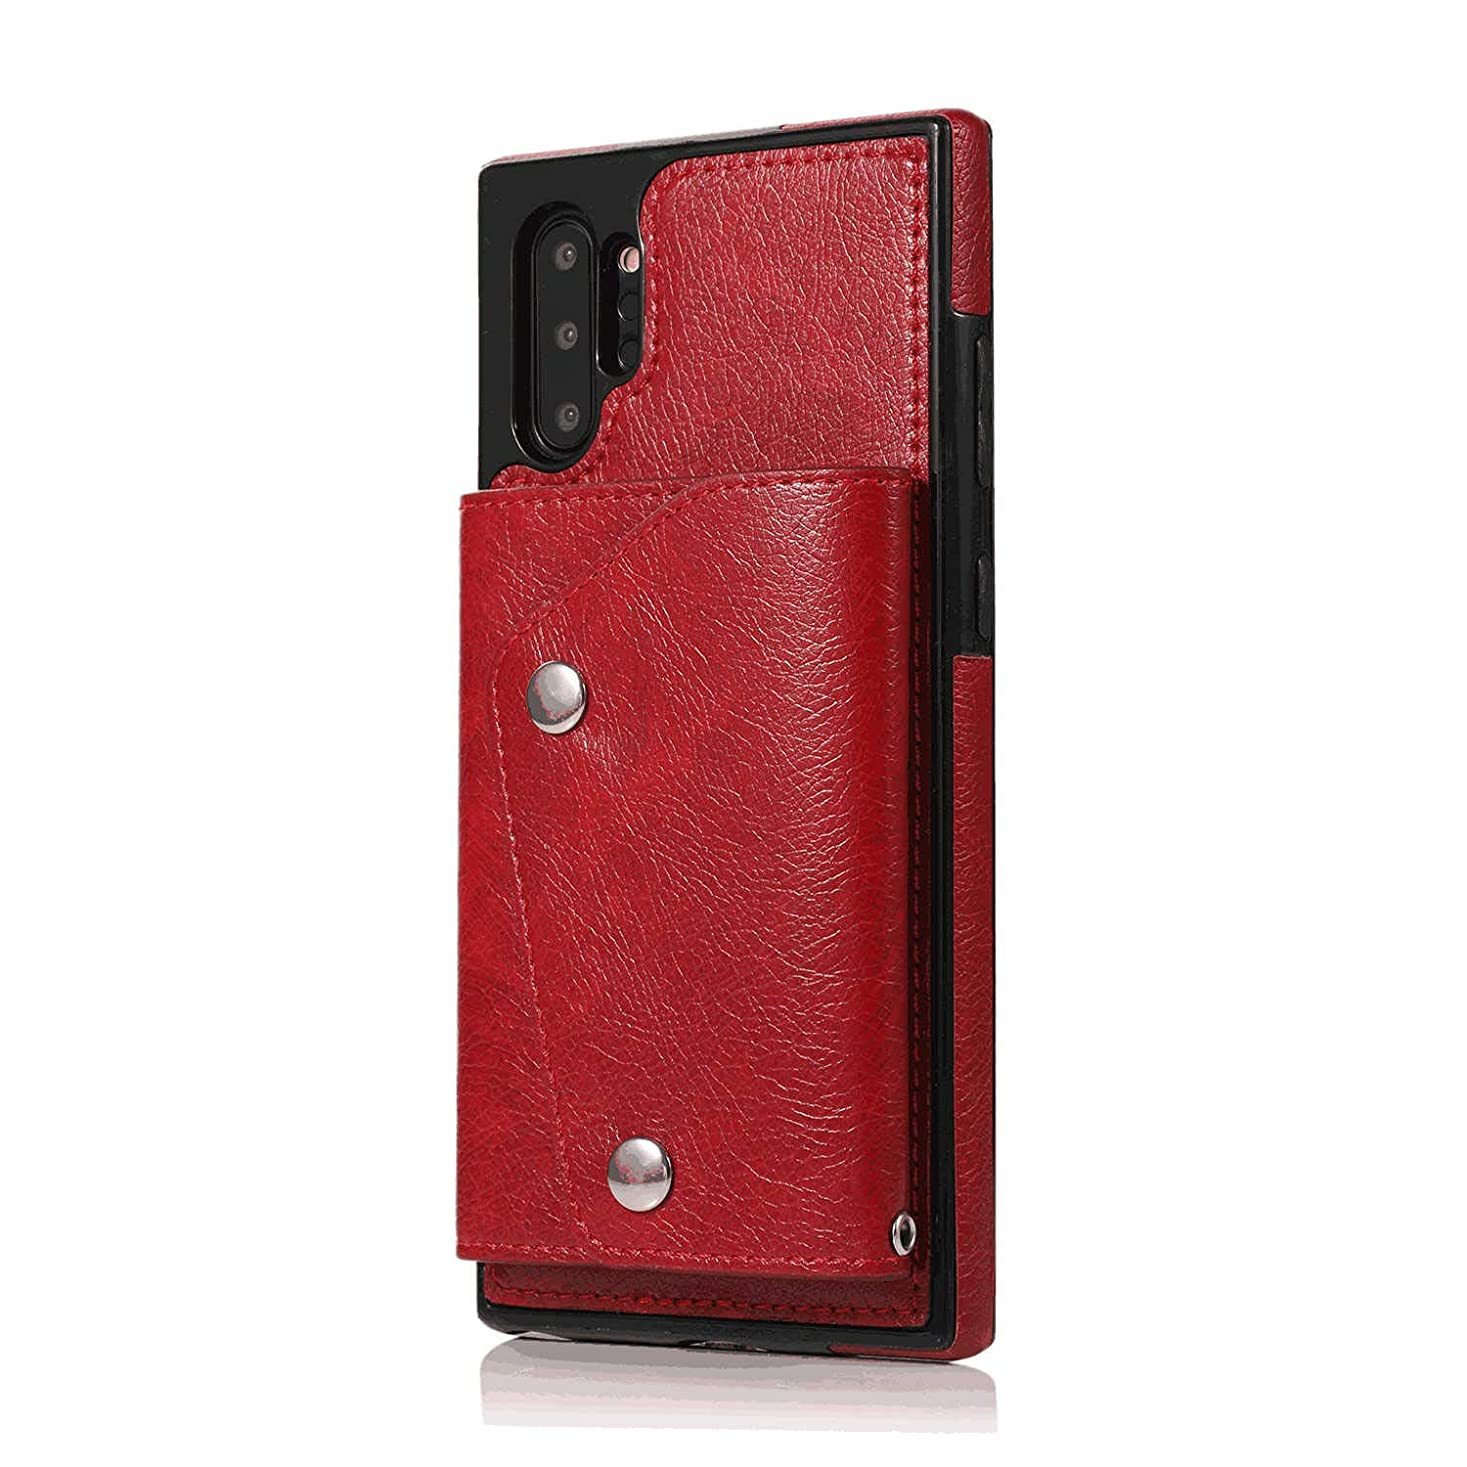 ベッツィトロットウッド警戒船尾Huawei Mate 20 PUレザー ケース, 手帳型 ケース 本革 スマートフォンカバー 耐衝撃 ビジネス 財布 カバー収納 手帳型ケース Huawei Mate 20 レザーケース